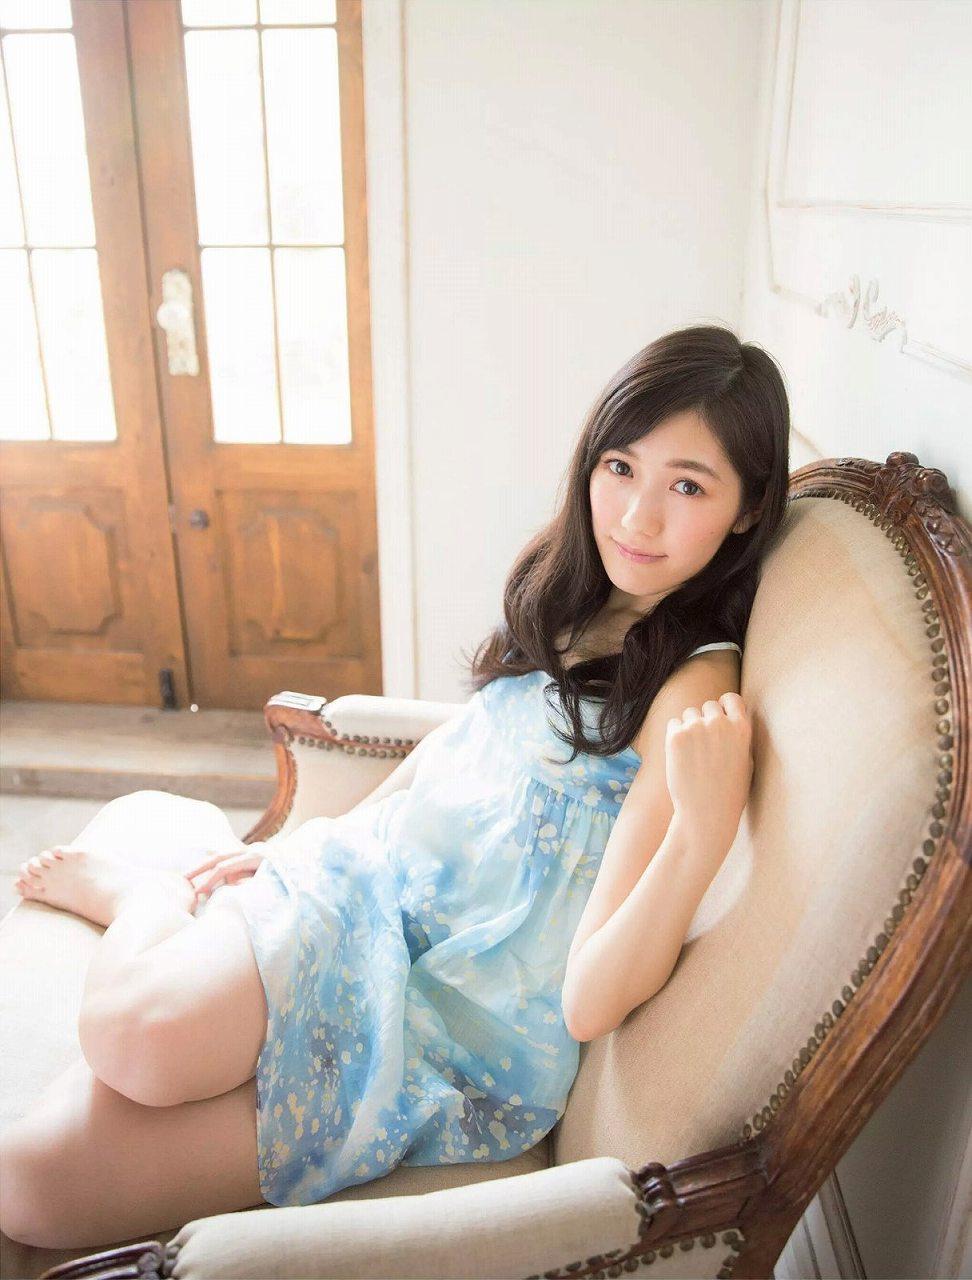 「週刊プレイボーイ 2014 No.52」渡辺麻友の着衣グラビア